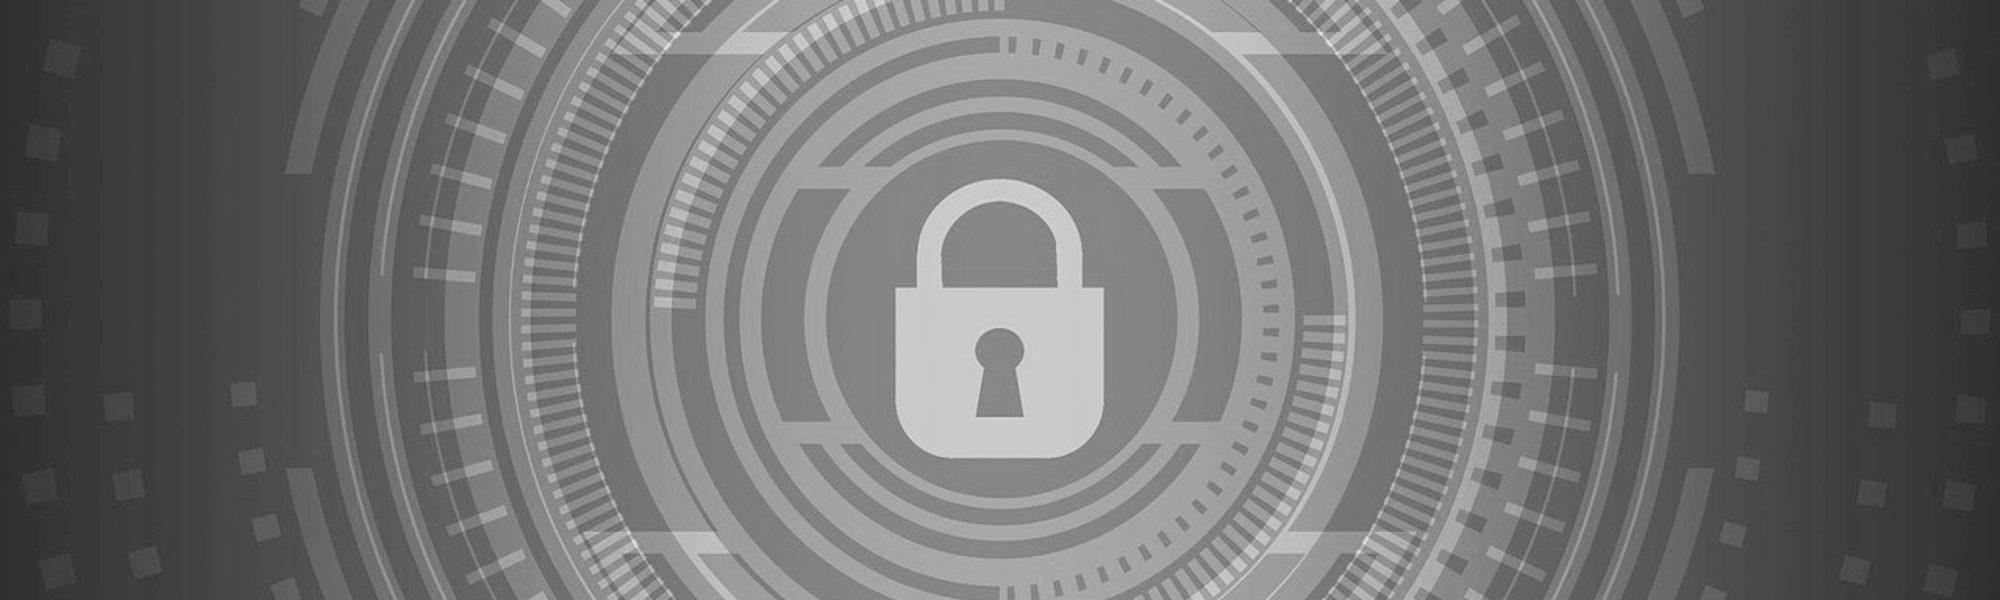 Freie evangelische Gemeinde Wuppertal Barmen - Datenschutz